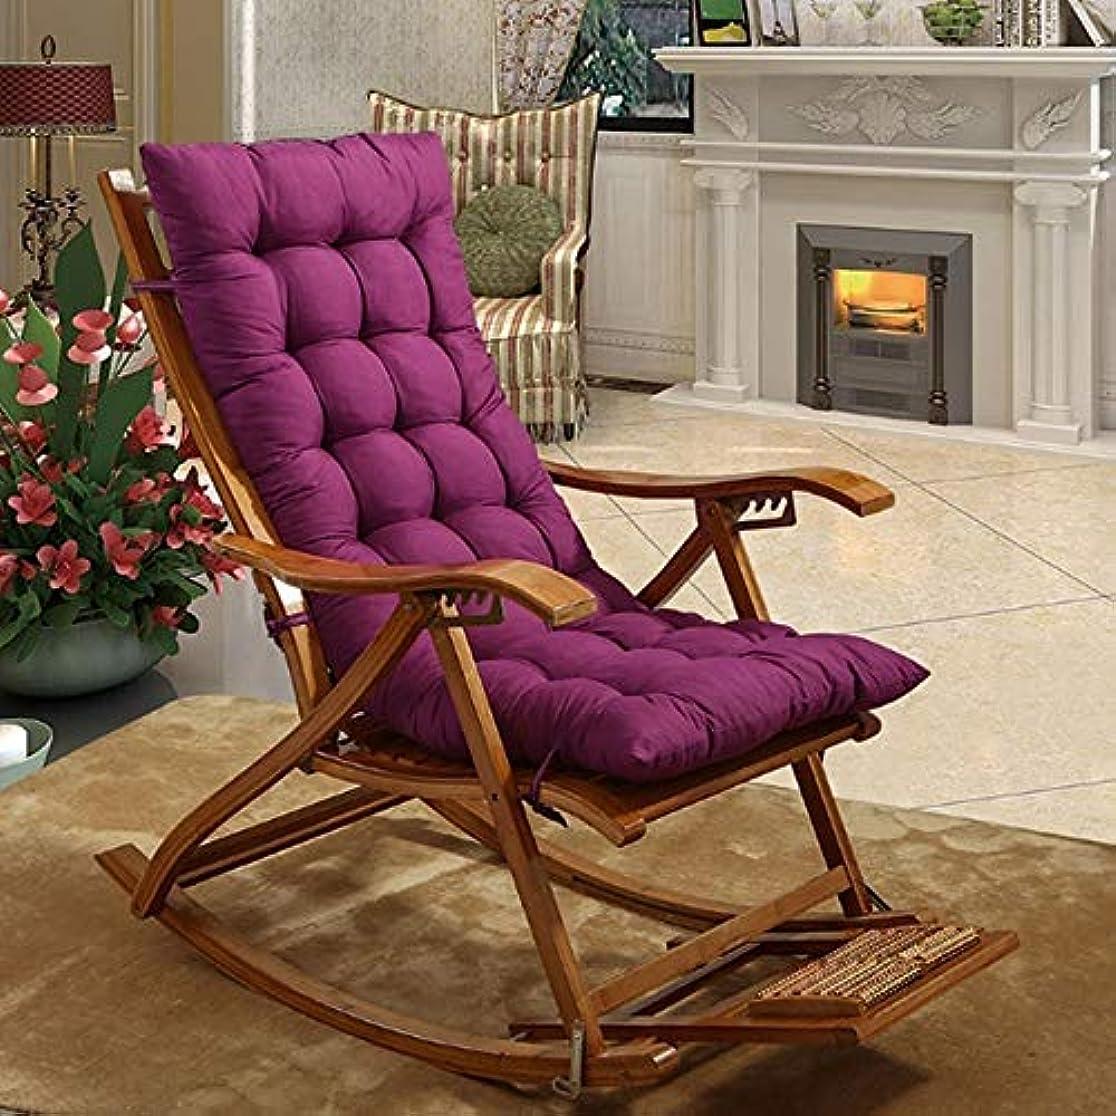 死エコー大LIFE 48 × 120 センチメートルベンチソファクッション装飾高品質ポリエステル繊維ジャー椅子のクッション暖かい快適な畳マットパッド クッション 椅子